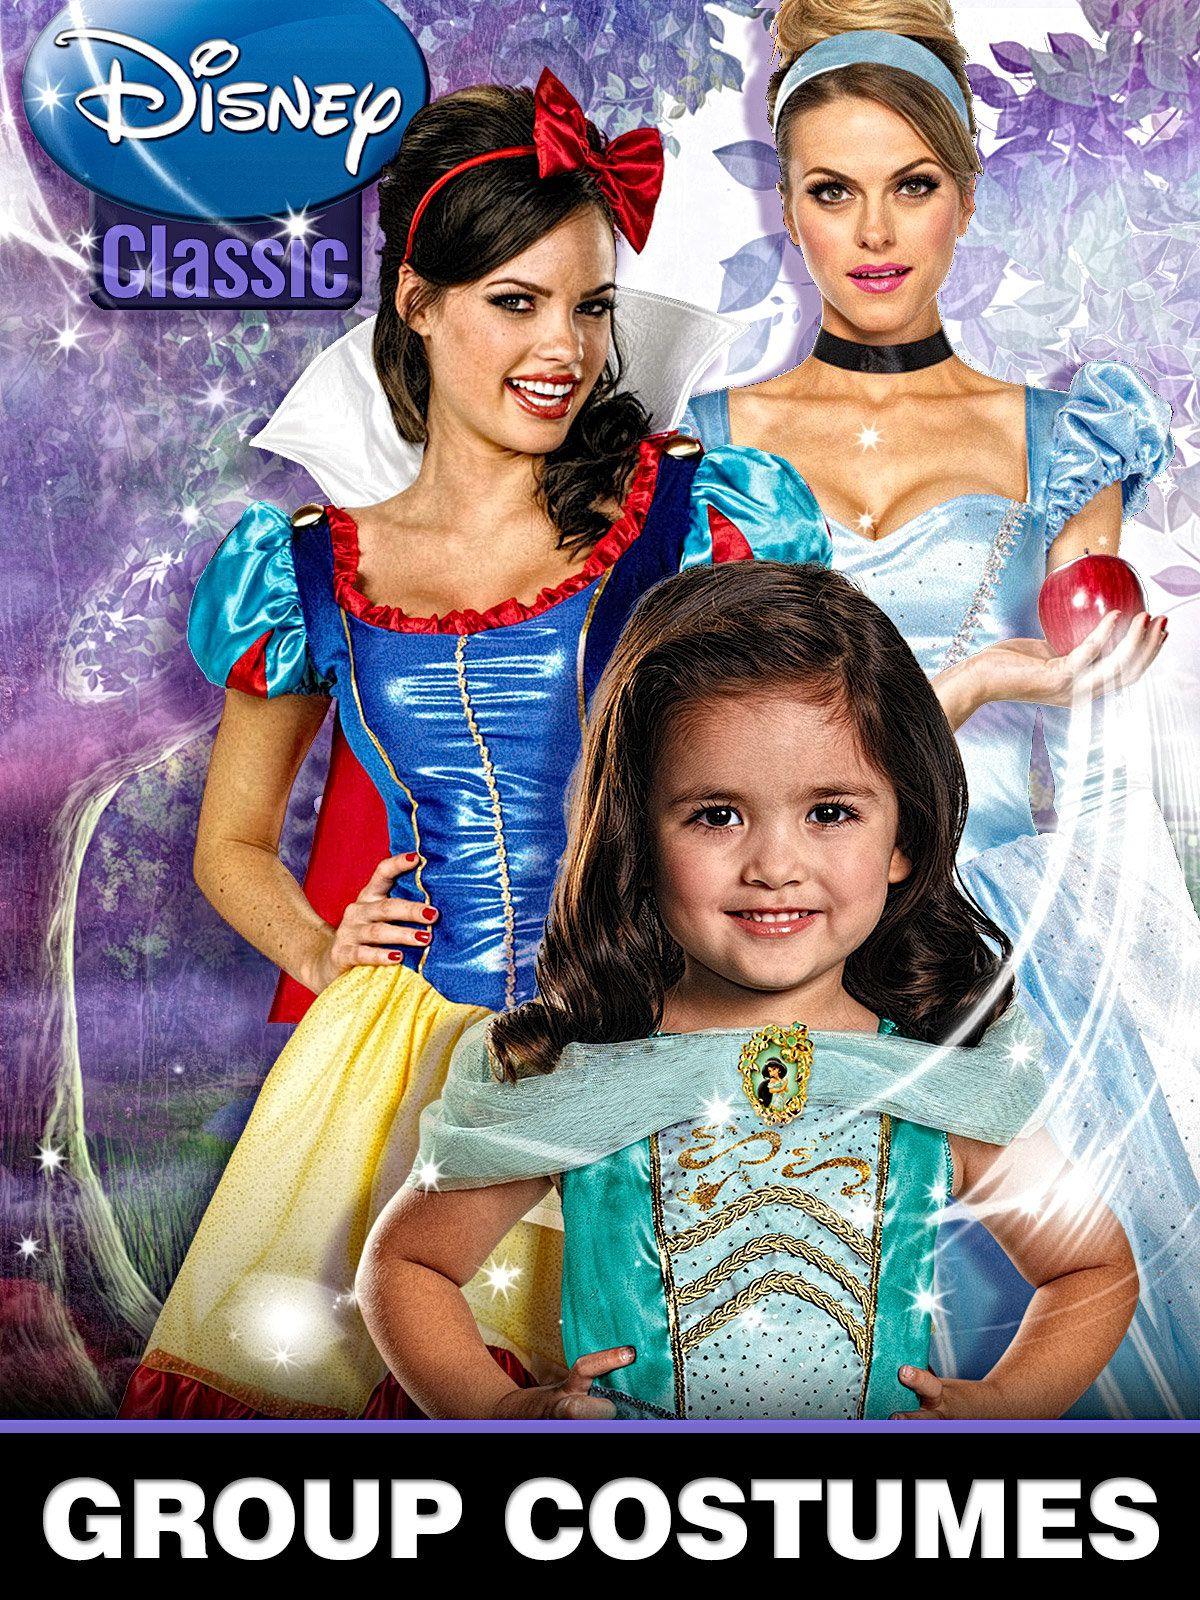 Disney Couple Costumes